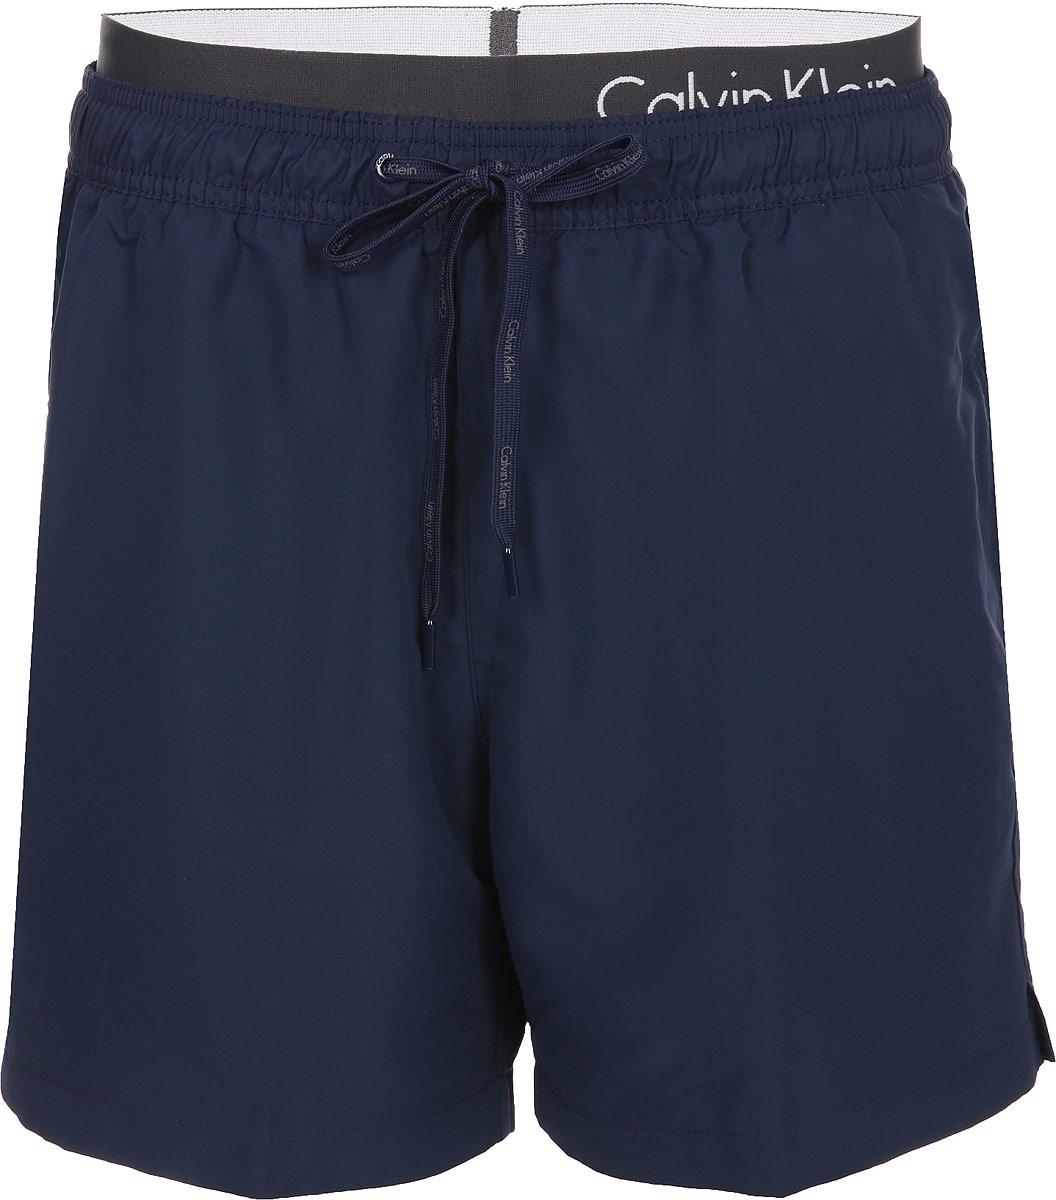 Шорты для плавания мужские Calvin Klein Underwear, цвет: темно-синий. KM0KM00174_470. Размер L (52)